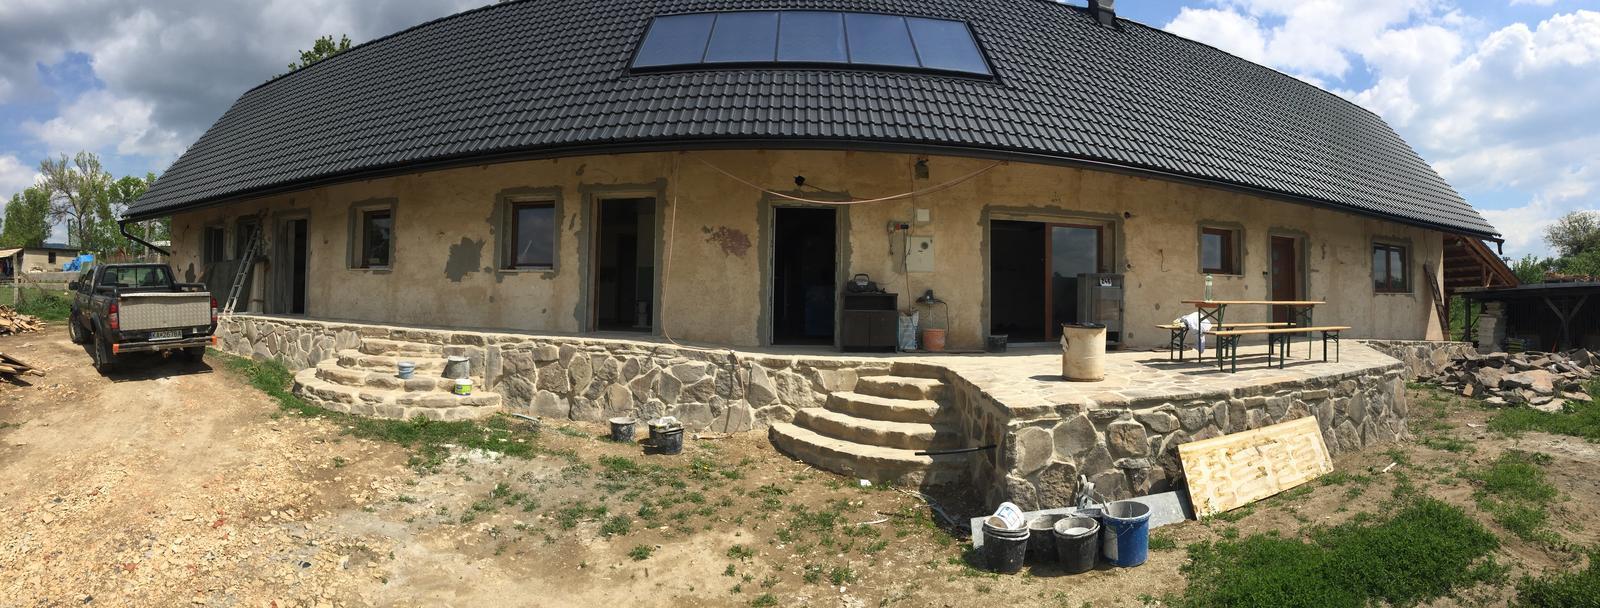 HACIENDA NAPOLI SEBECHLEBY - Okna a dvere pripravene na fasadu